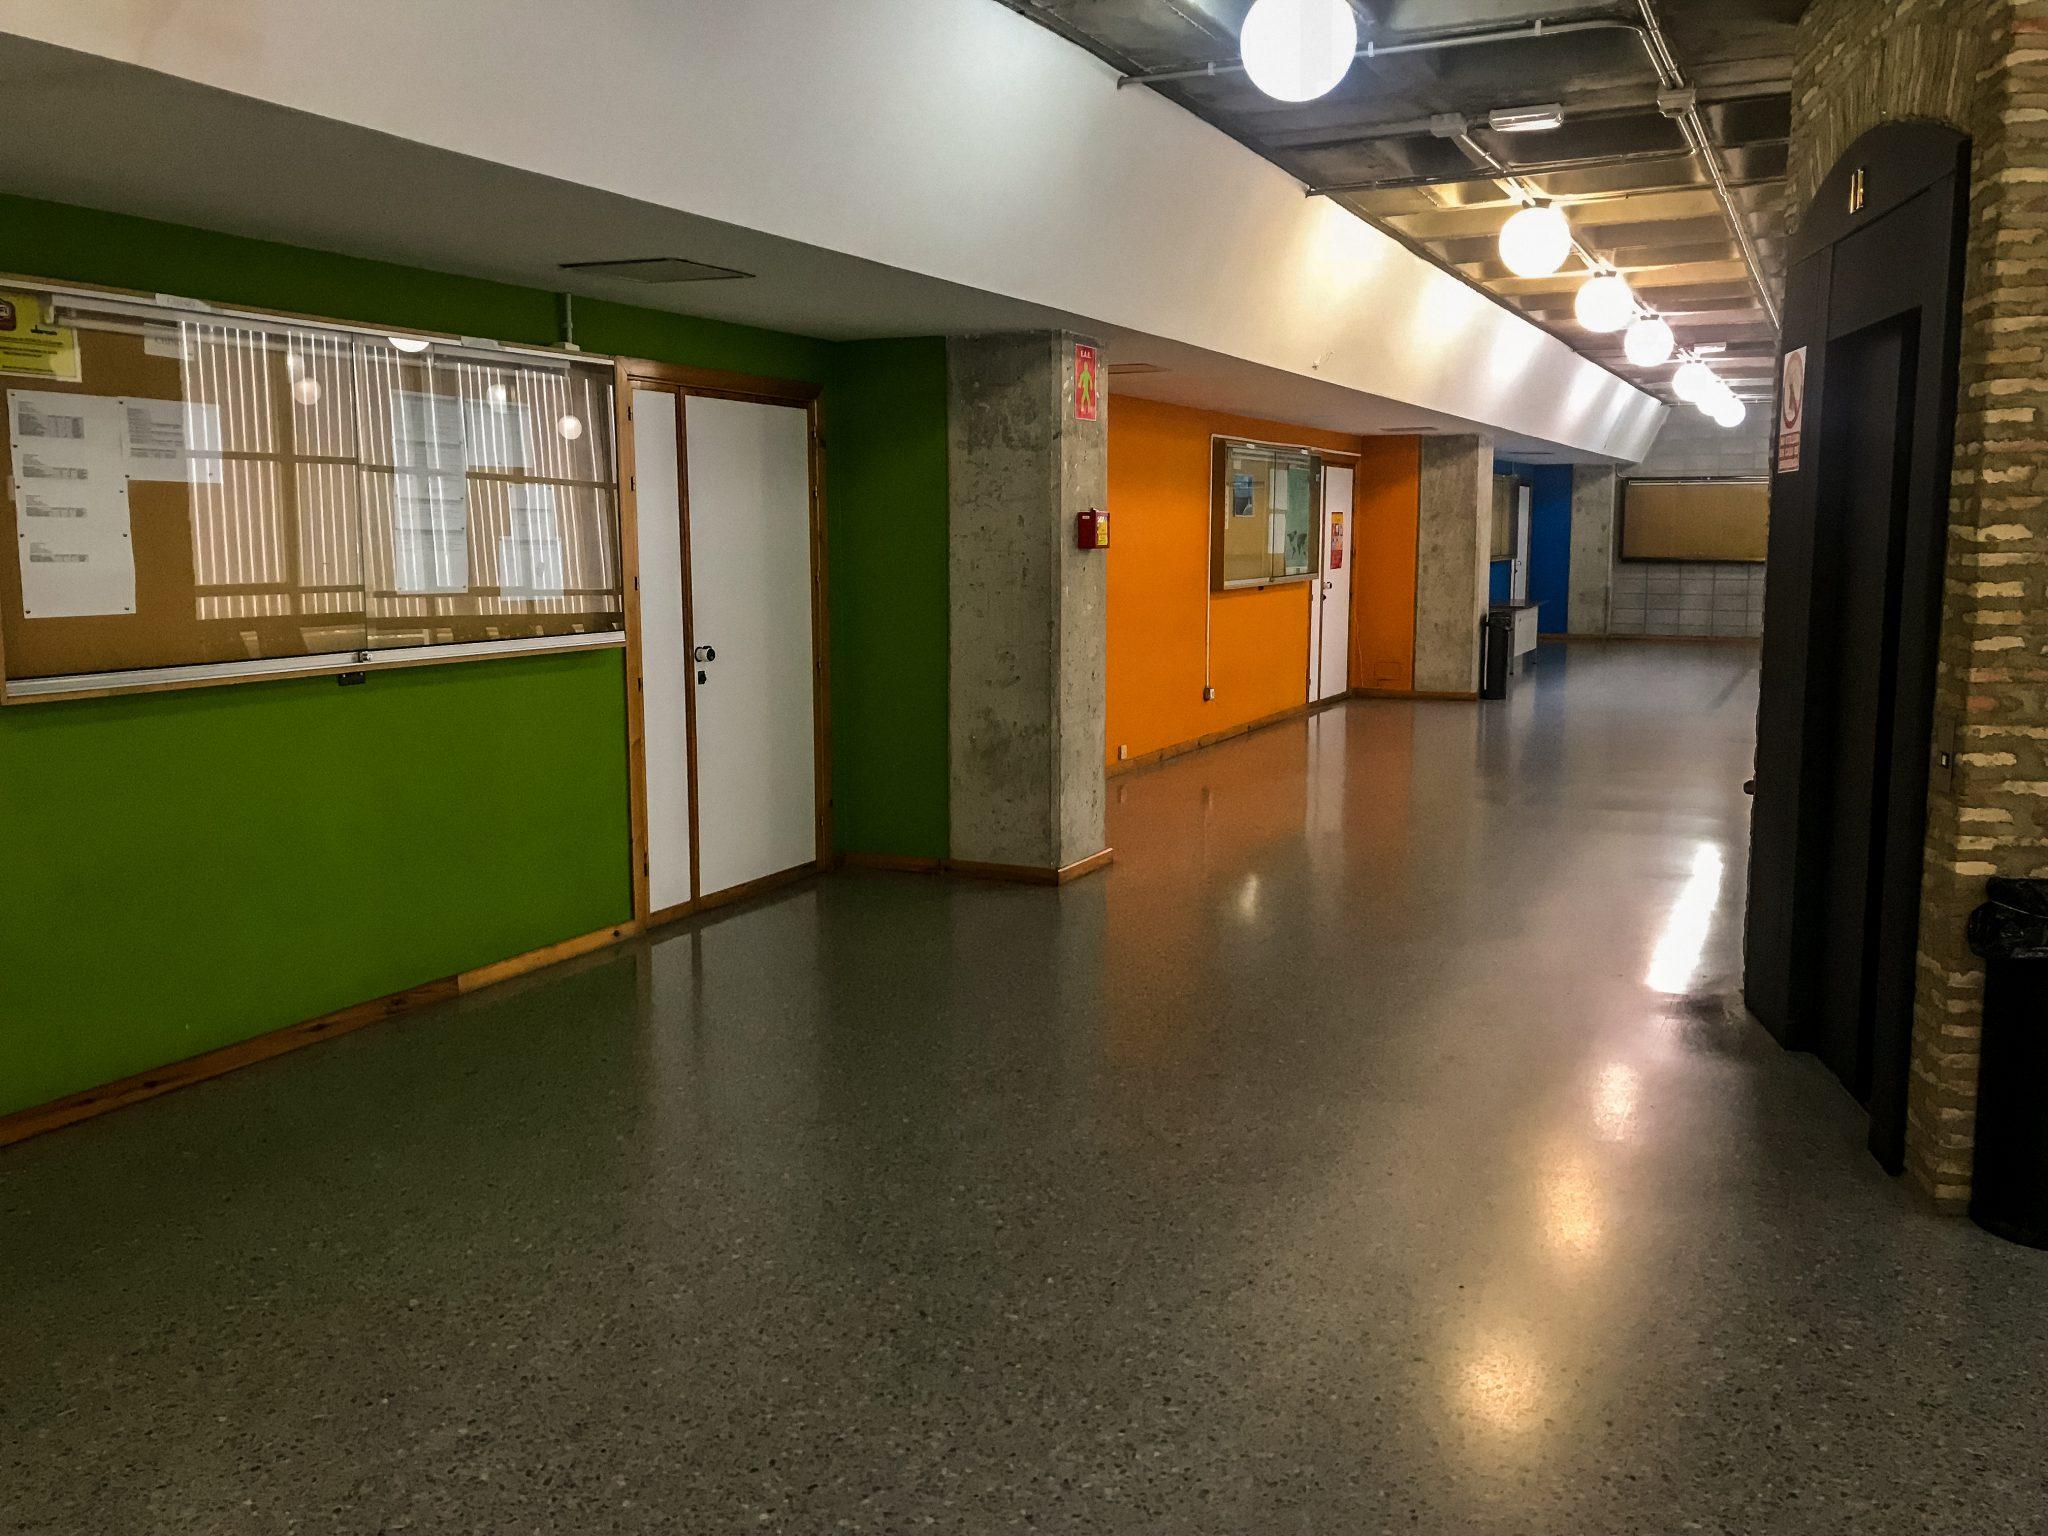 Die Räume sind dort mit Farben markiert und werden mit der jeweiligen Farbe im Prüfungsplan erwähnt.